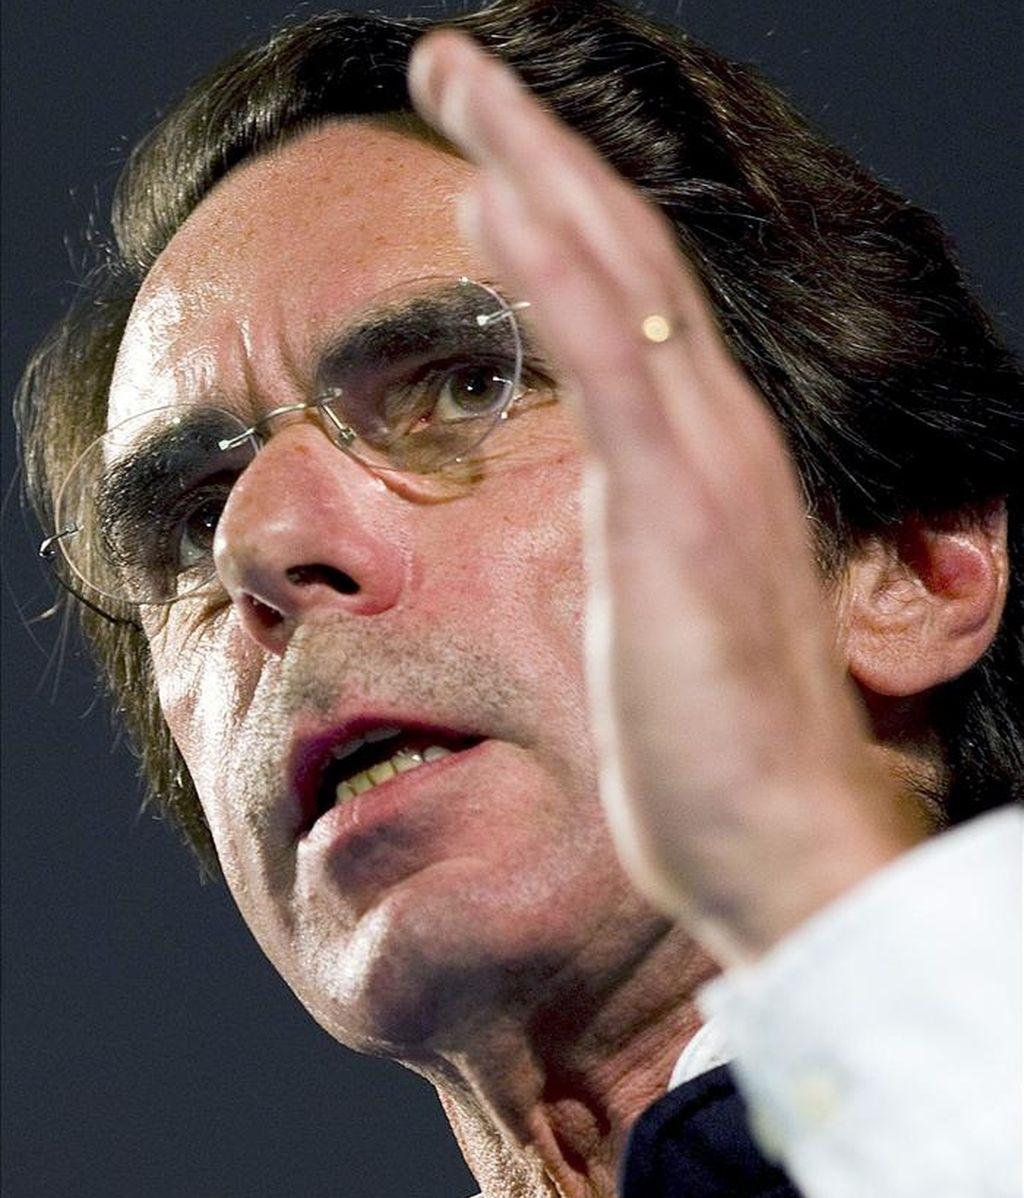 El expresidente del Gobierno José María Aznar, durante su intervención en un acto político de presentación de la candidatura del PP, ayer en Estepona. EFE